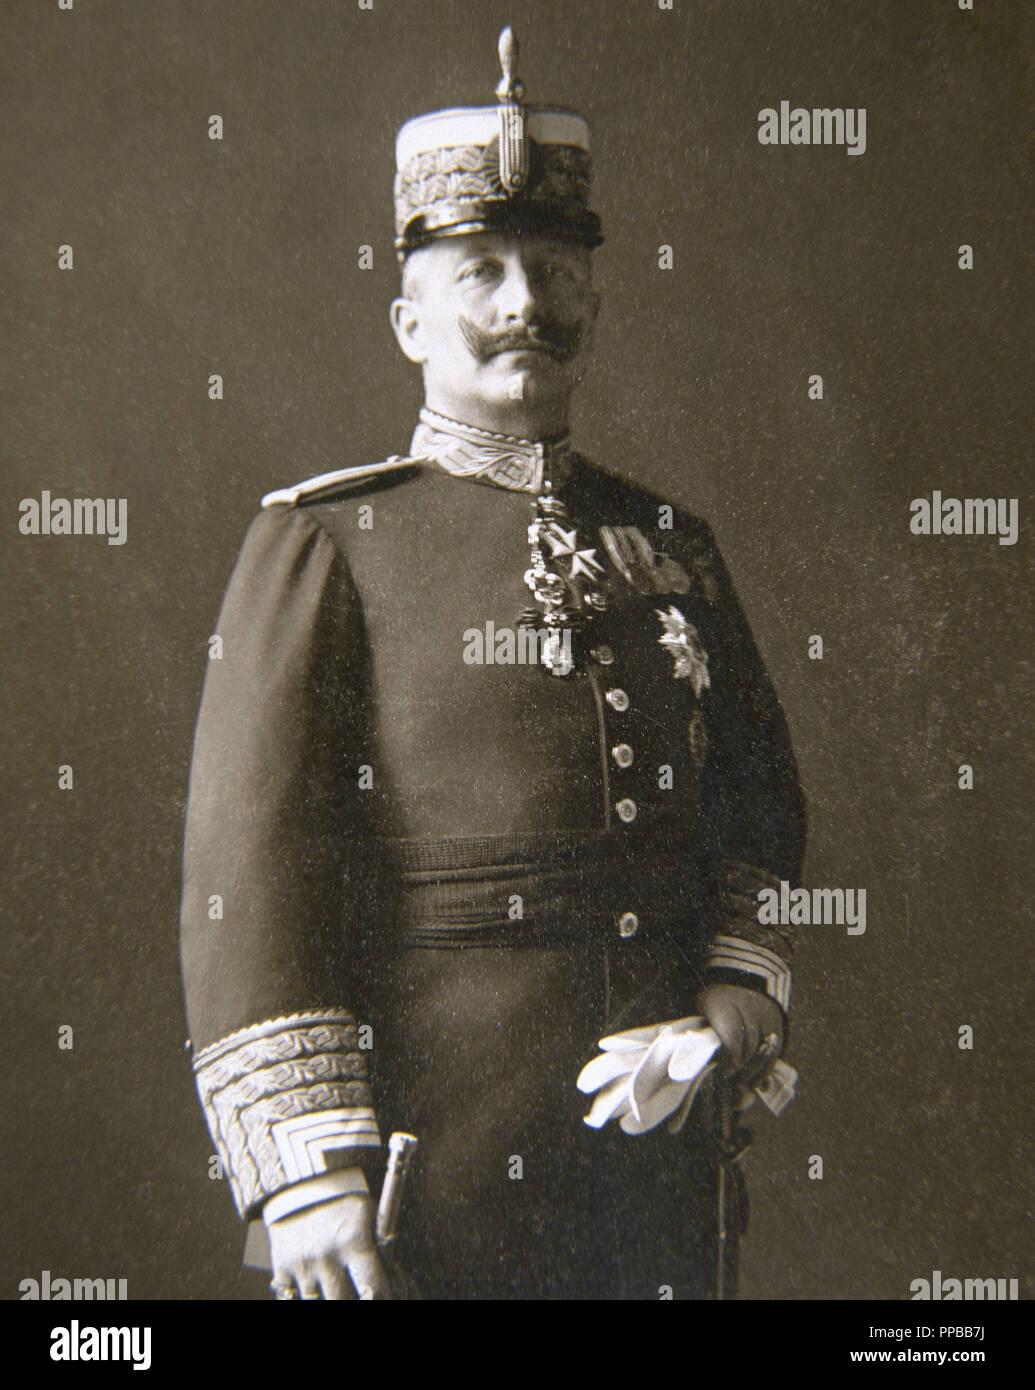 GUILLERMO II (Postdam, 1859-Doorn, 1941). Rey de Prusia y emperador de Alemania (1888-1918). RETRATO DE GUILLERMO II. Reproducción de fotografía. - Stock Image